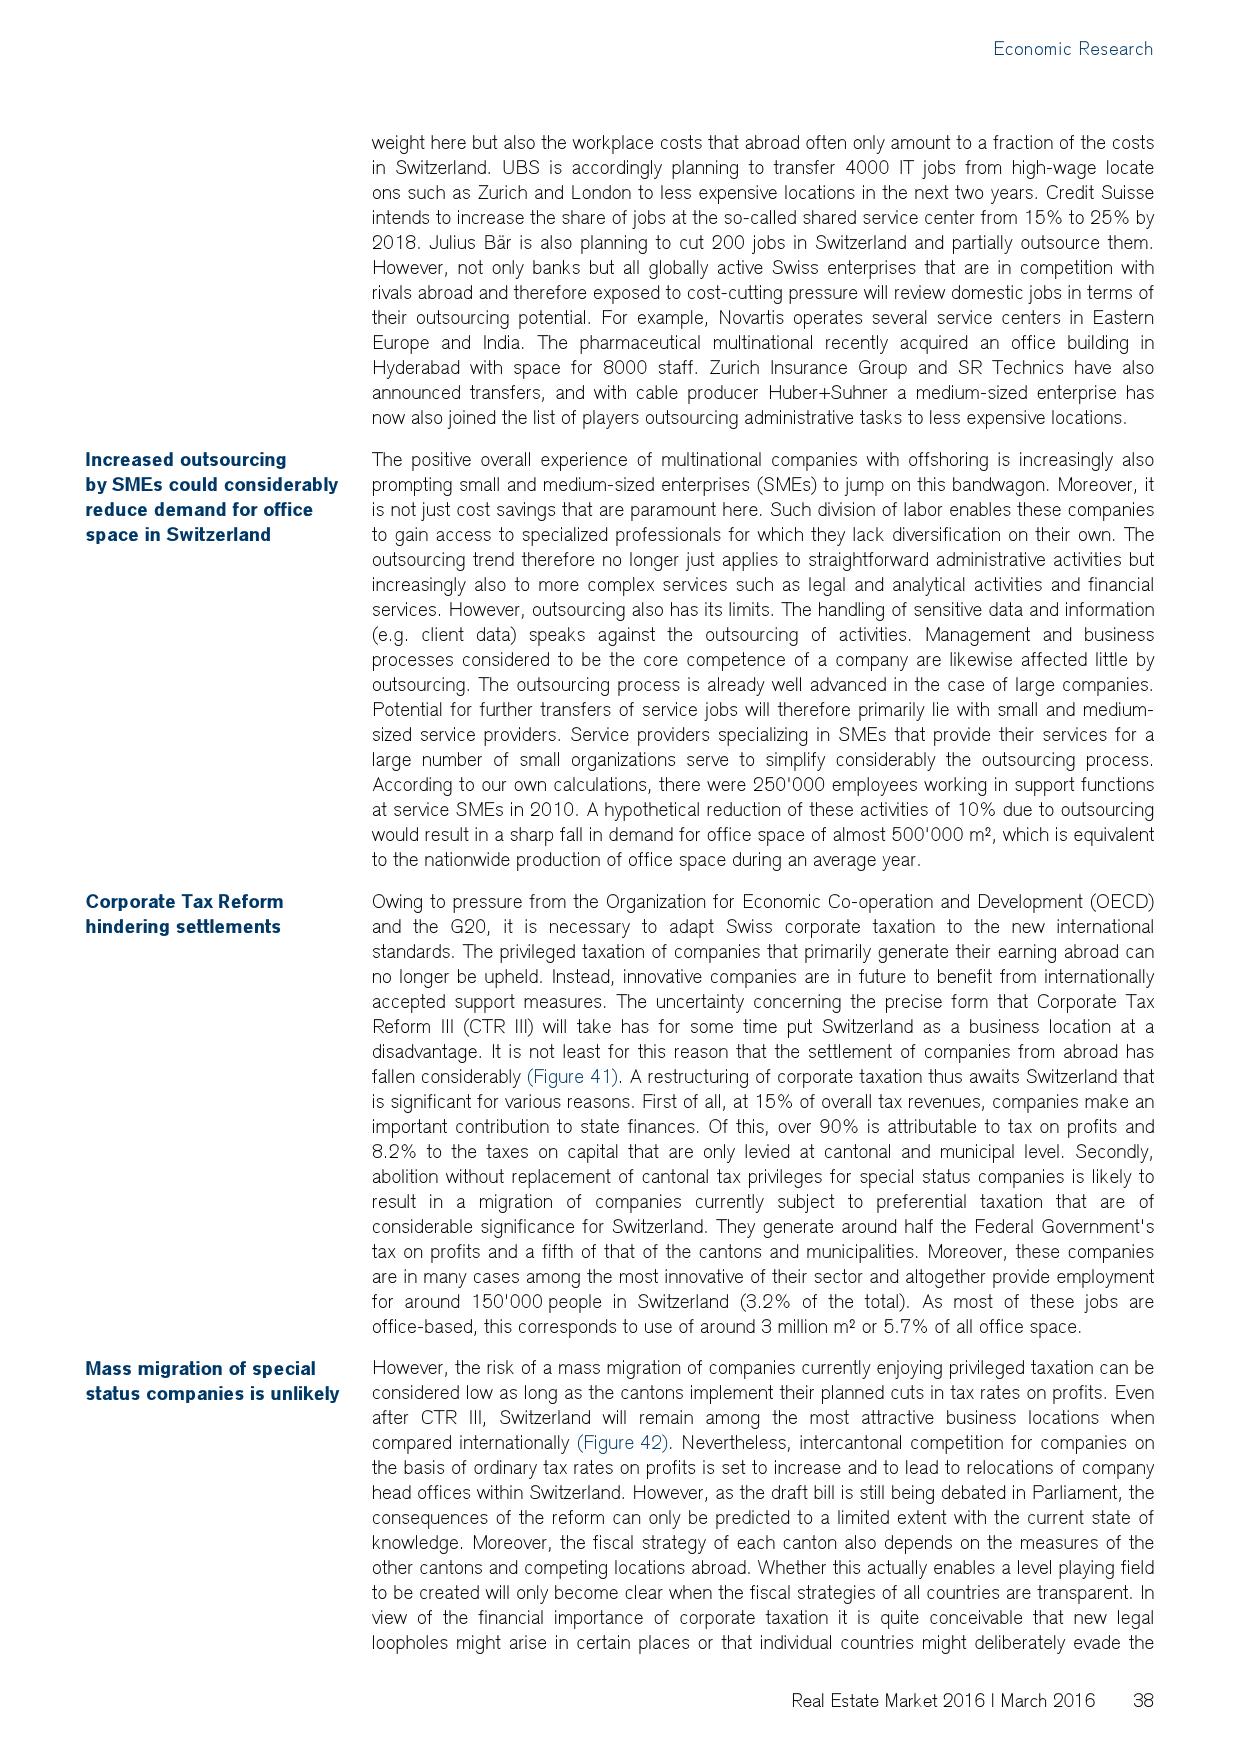 2016年瑞士房地产市场研究报告_000038